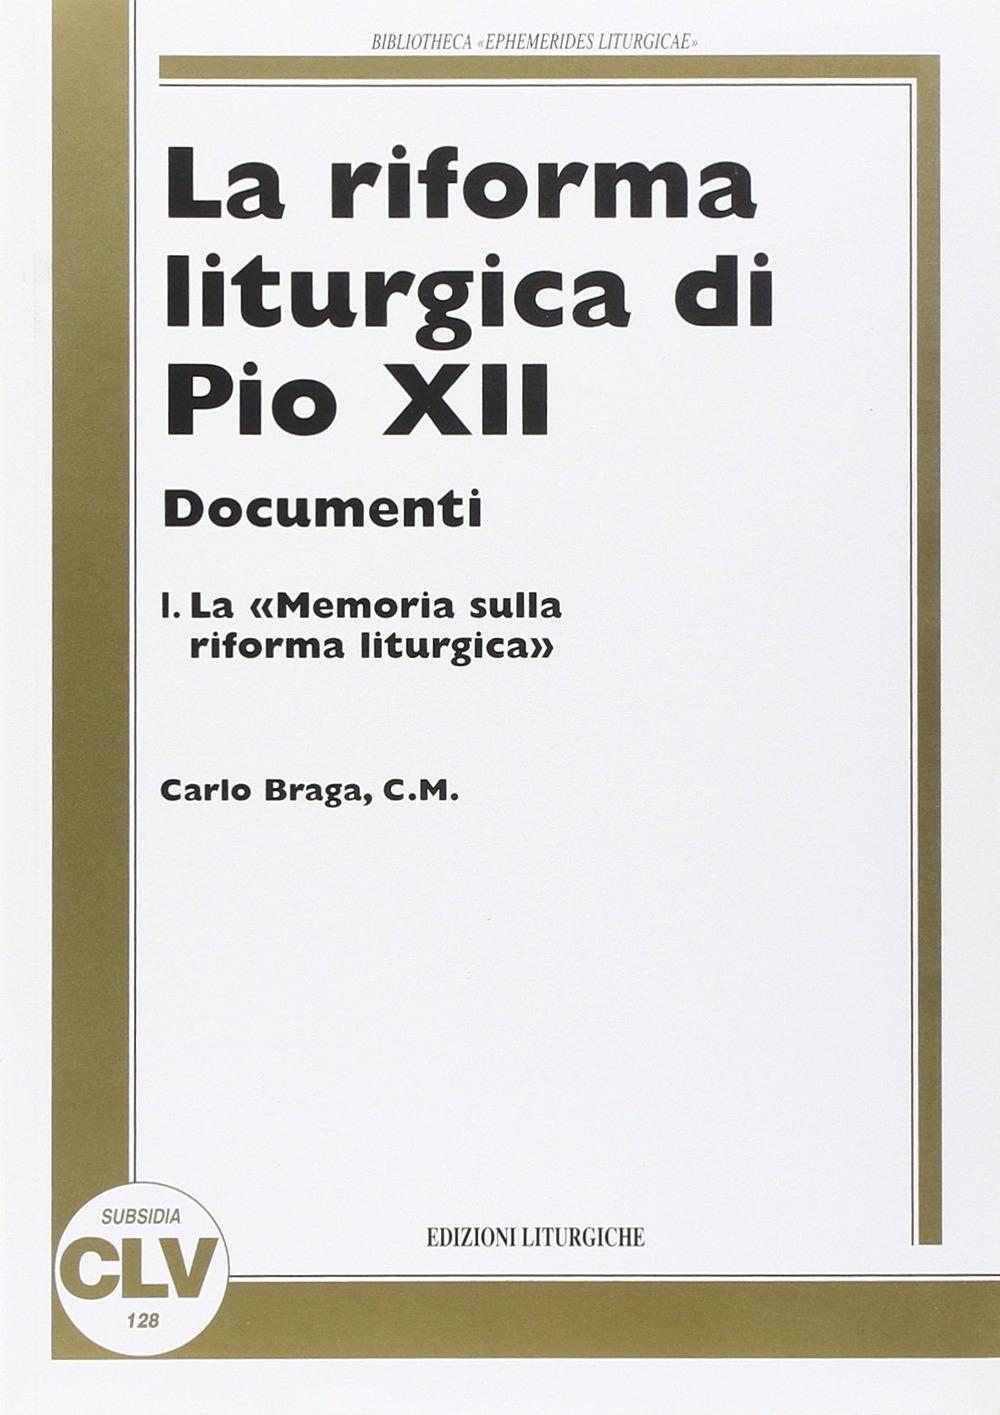 La riforma liturgica di Pio XII. Documenti. Vol. 1: Memoria sulla riforma liturgica